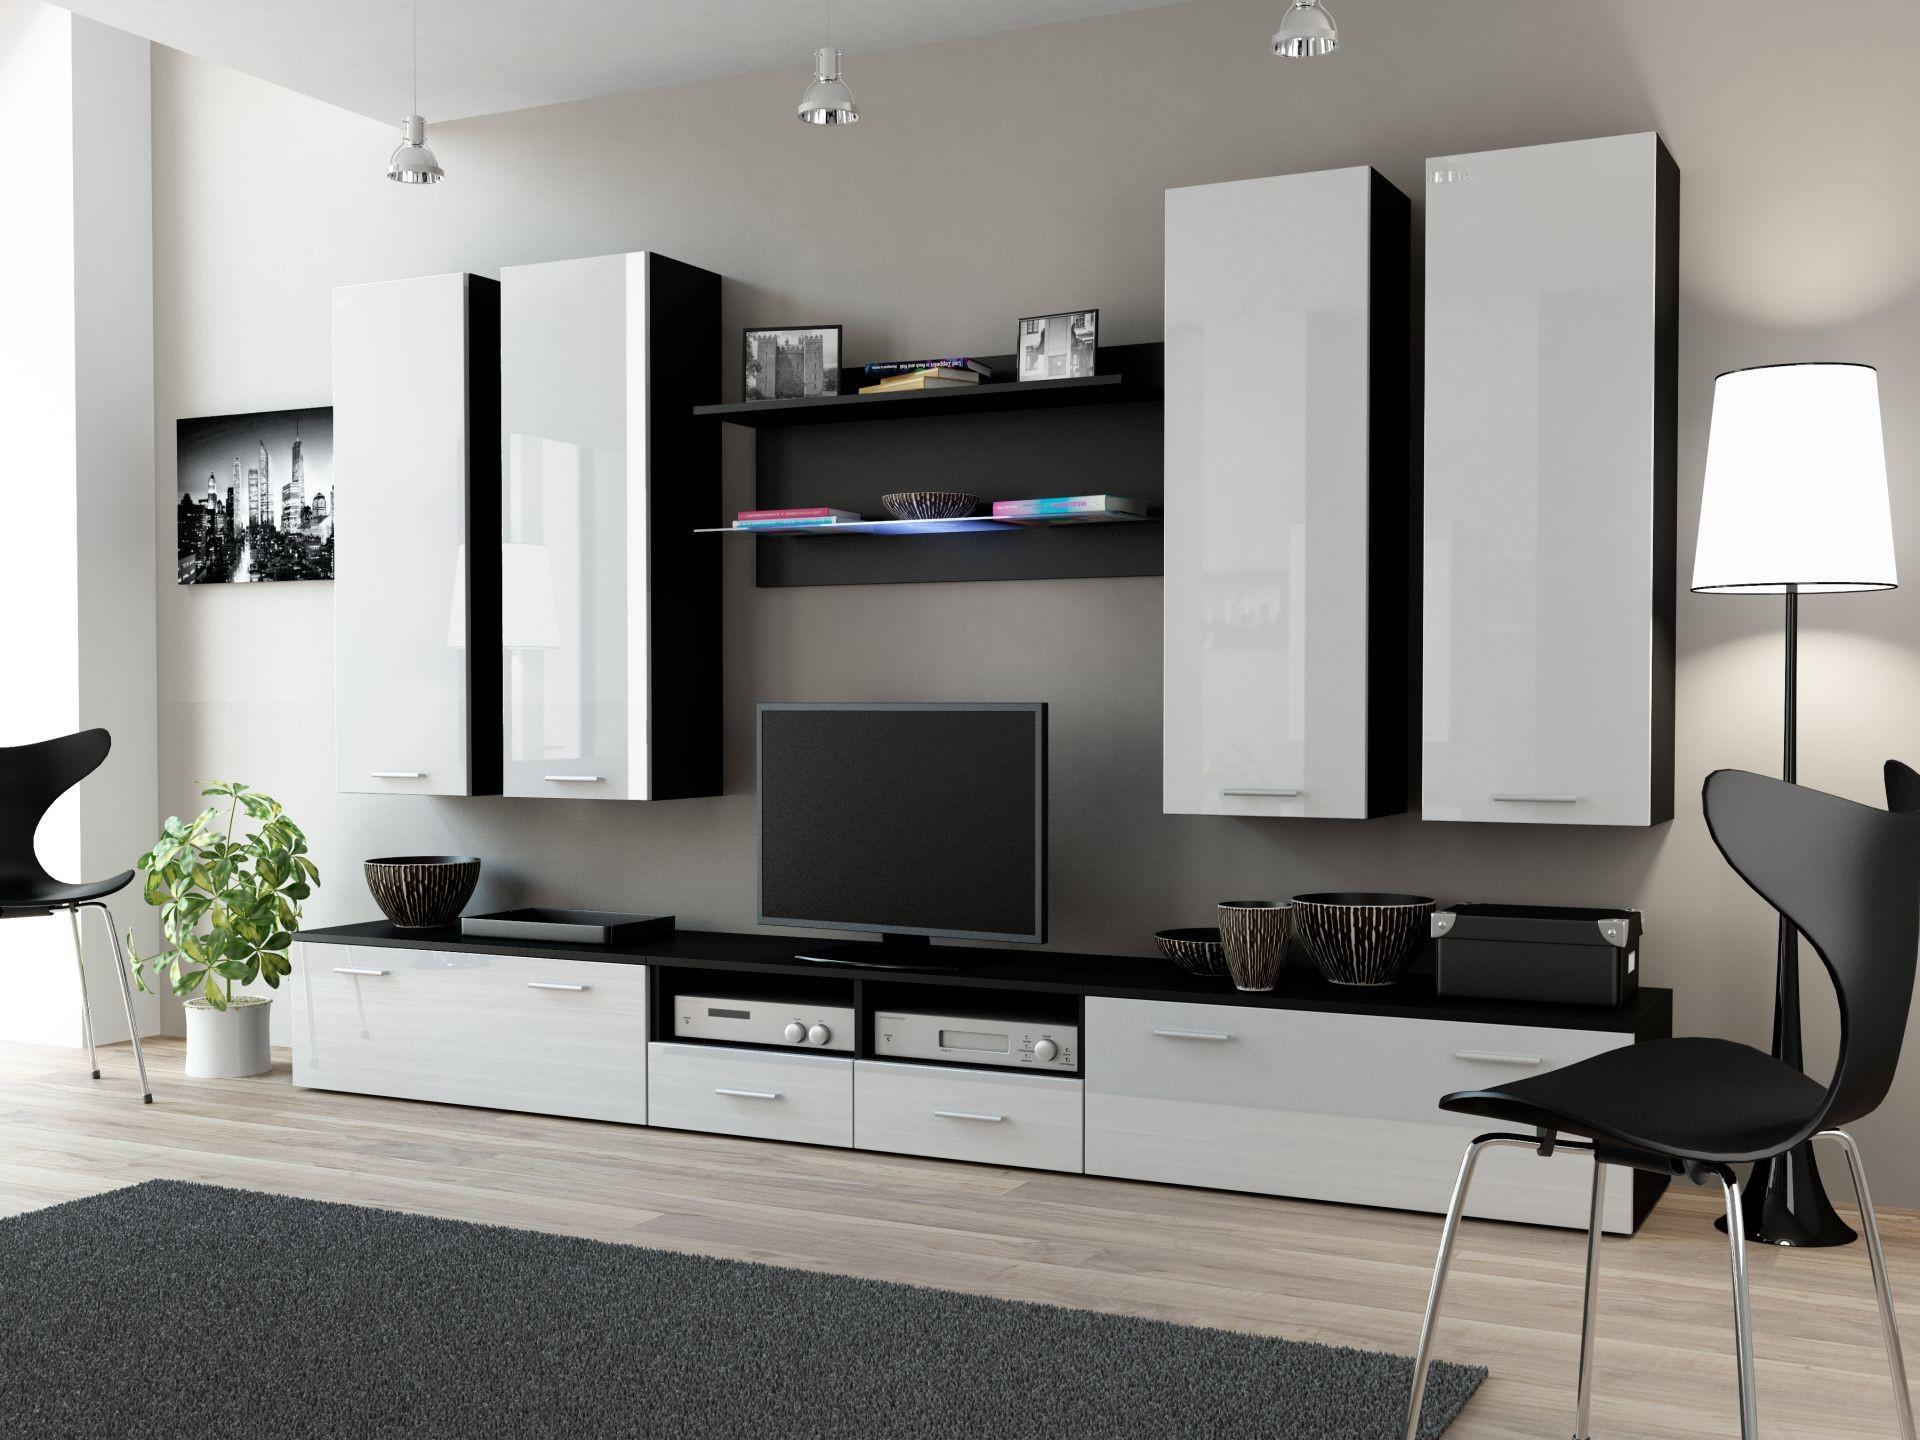 Wohnwand dream 3 anbauwand wohnzimmer m bel schwarz matt for Wohnwand schwarz matt